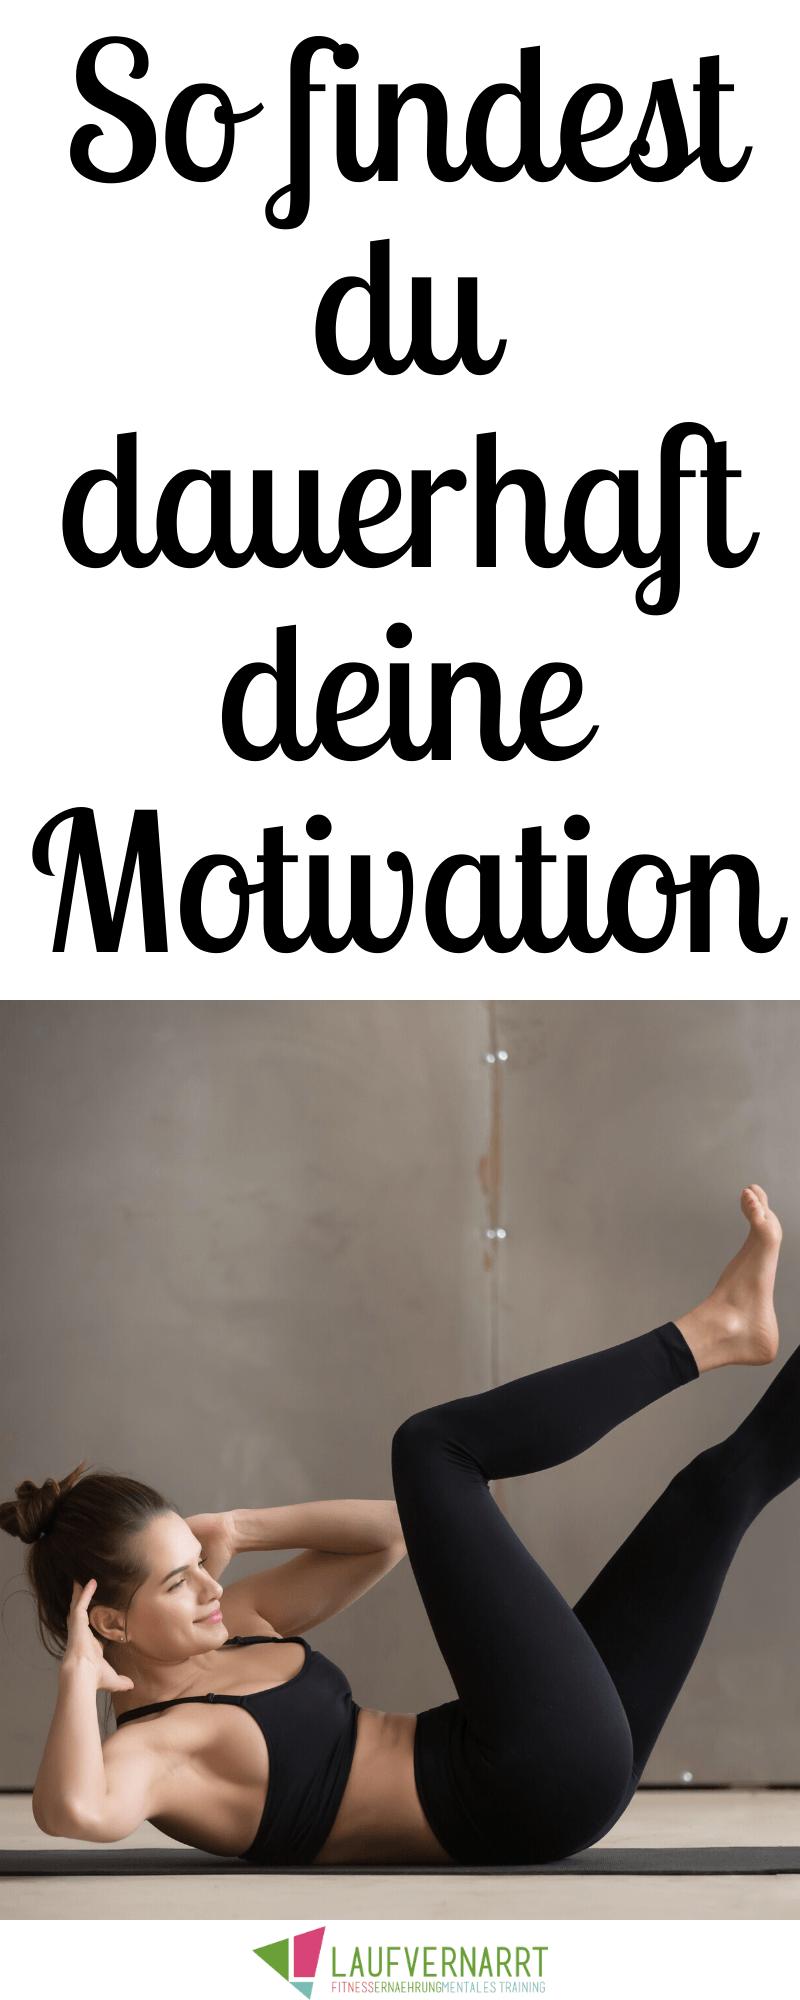 Endlich motiviert - so findest du deine Motivation! - Laufvernarrt